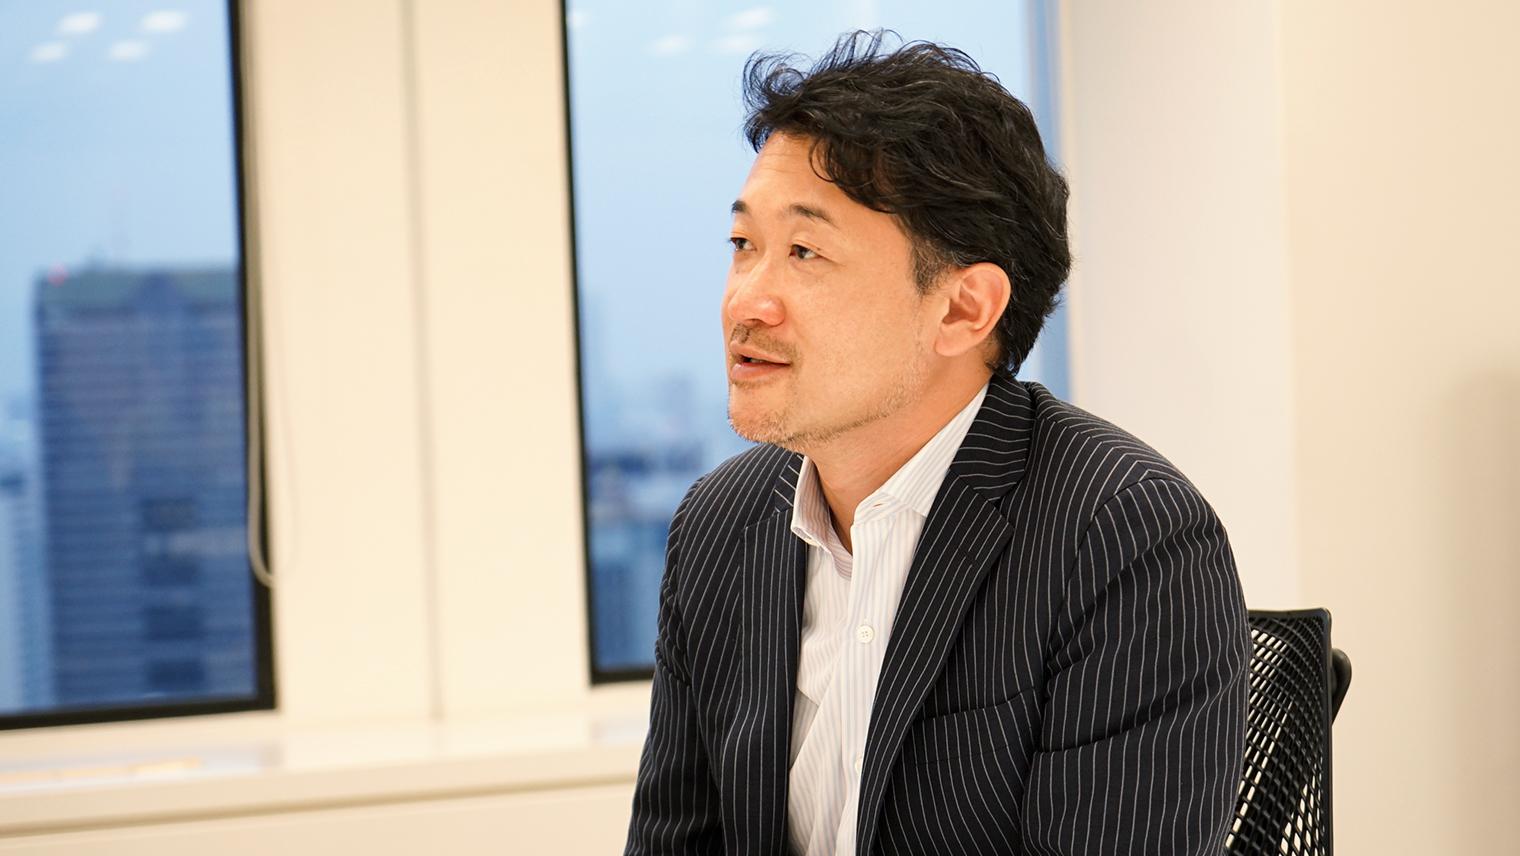 株式会社アイスタイル代表取締役社長 兼 CEOの吉松徹郎